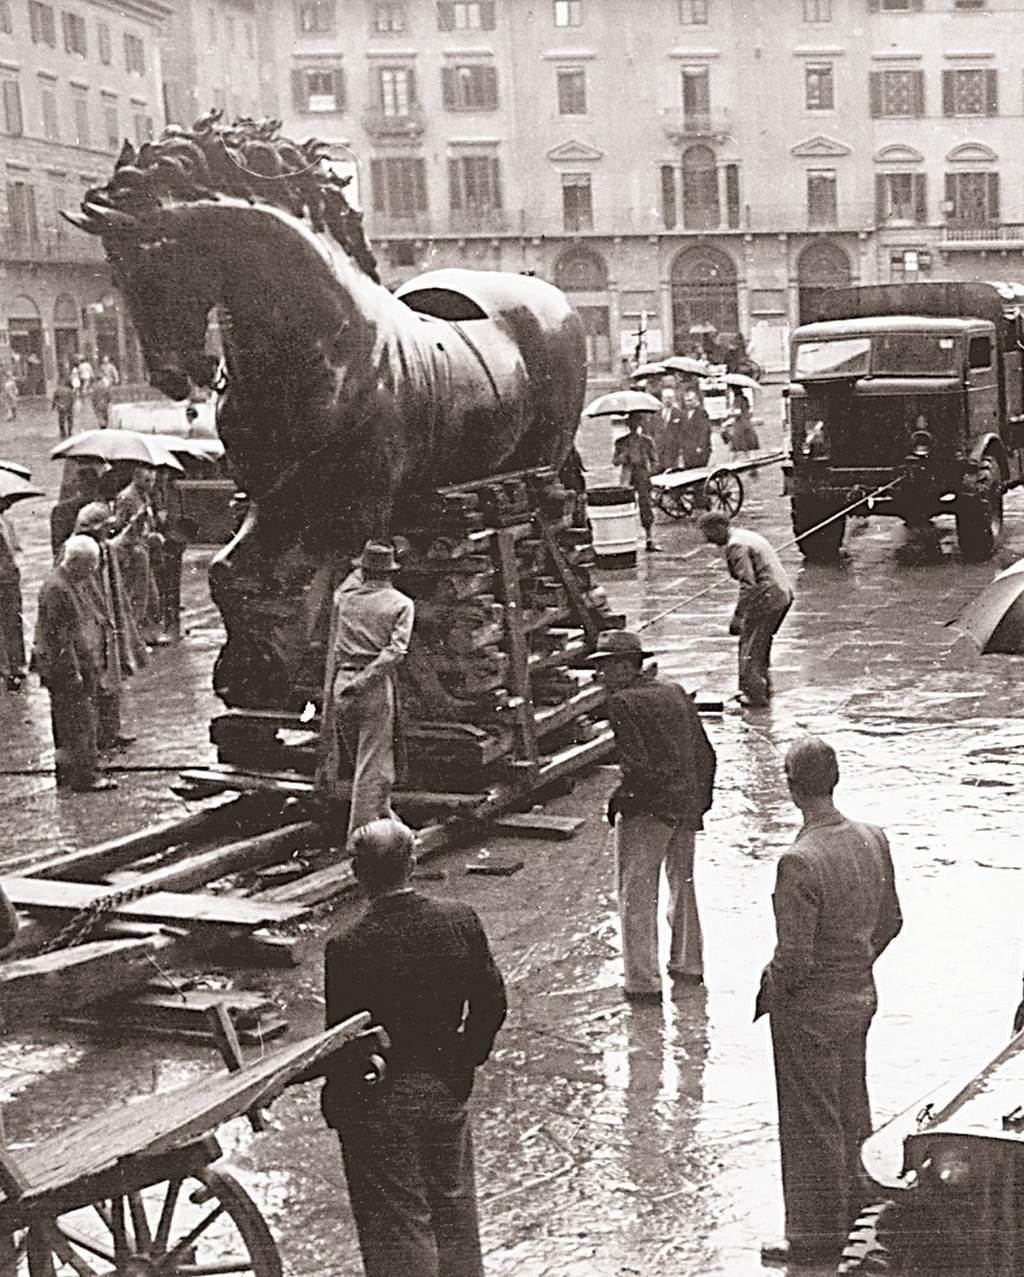 FELJTON: Lov na firentinsko blago koje su oteli nacisti